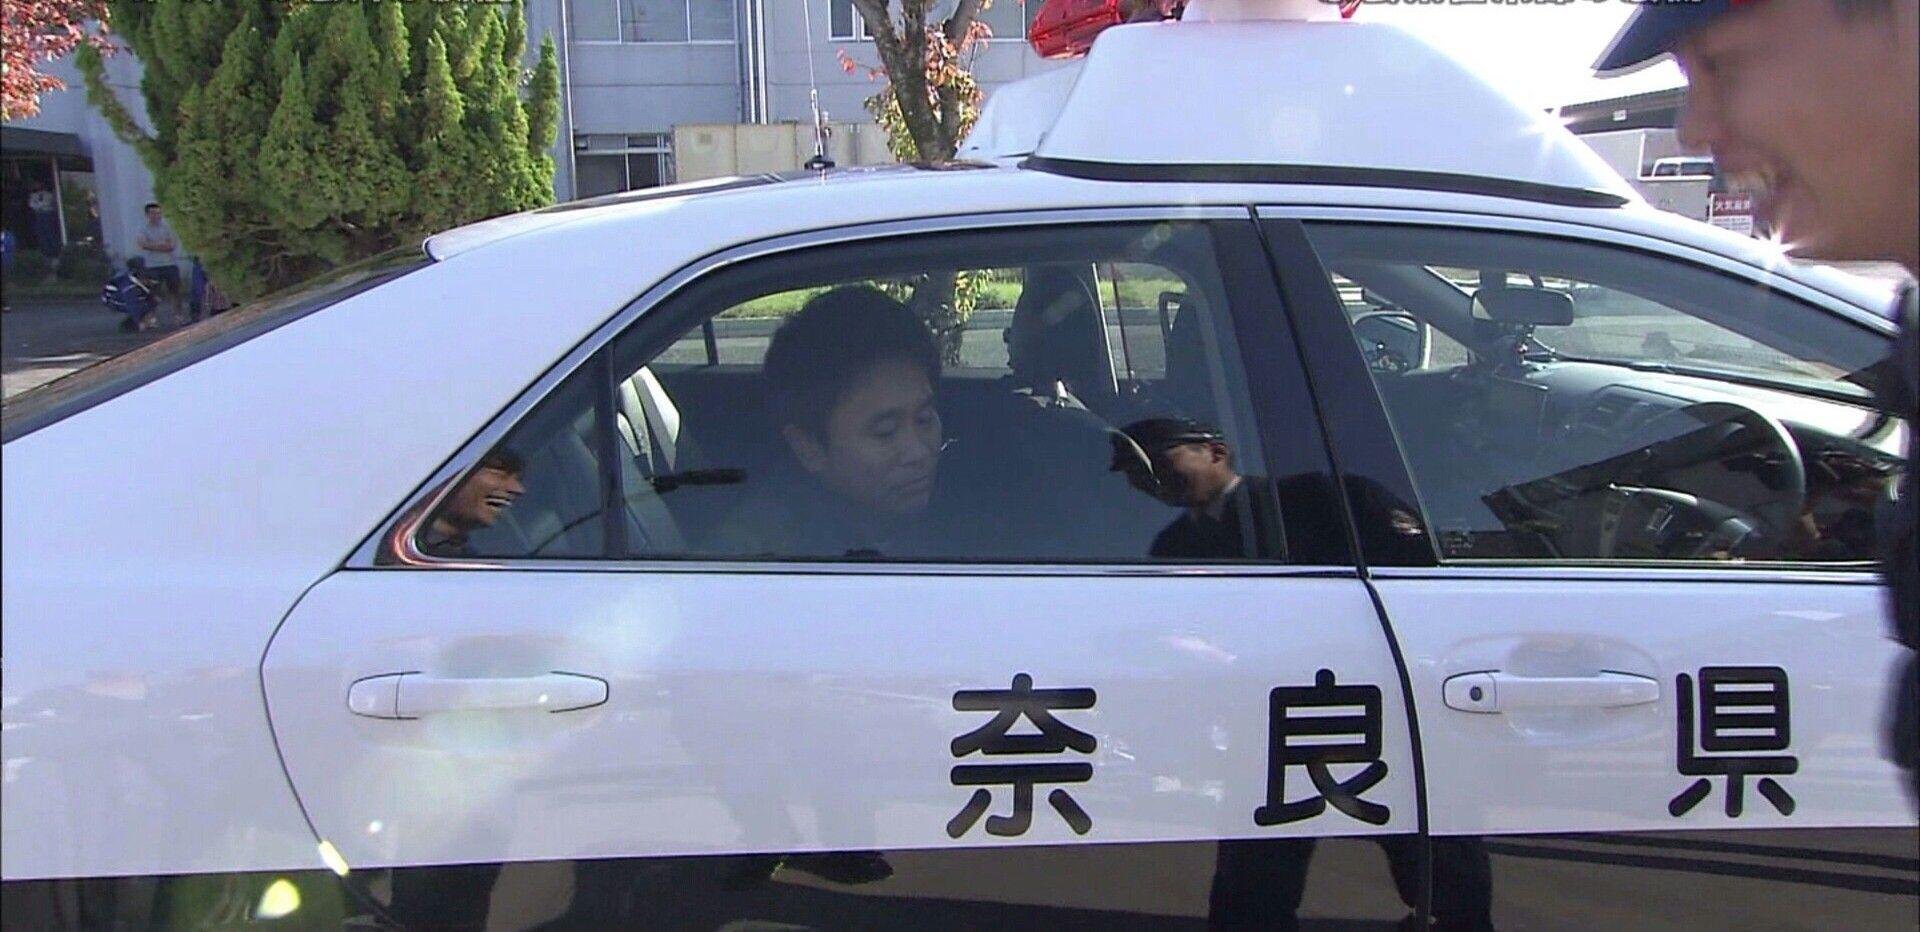 浜田 雅功 逮捕 浜田雅功の伊勢谷被告逮捕への第一声に恐怖「なんでバレんねん」